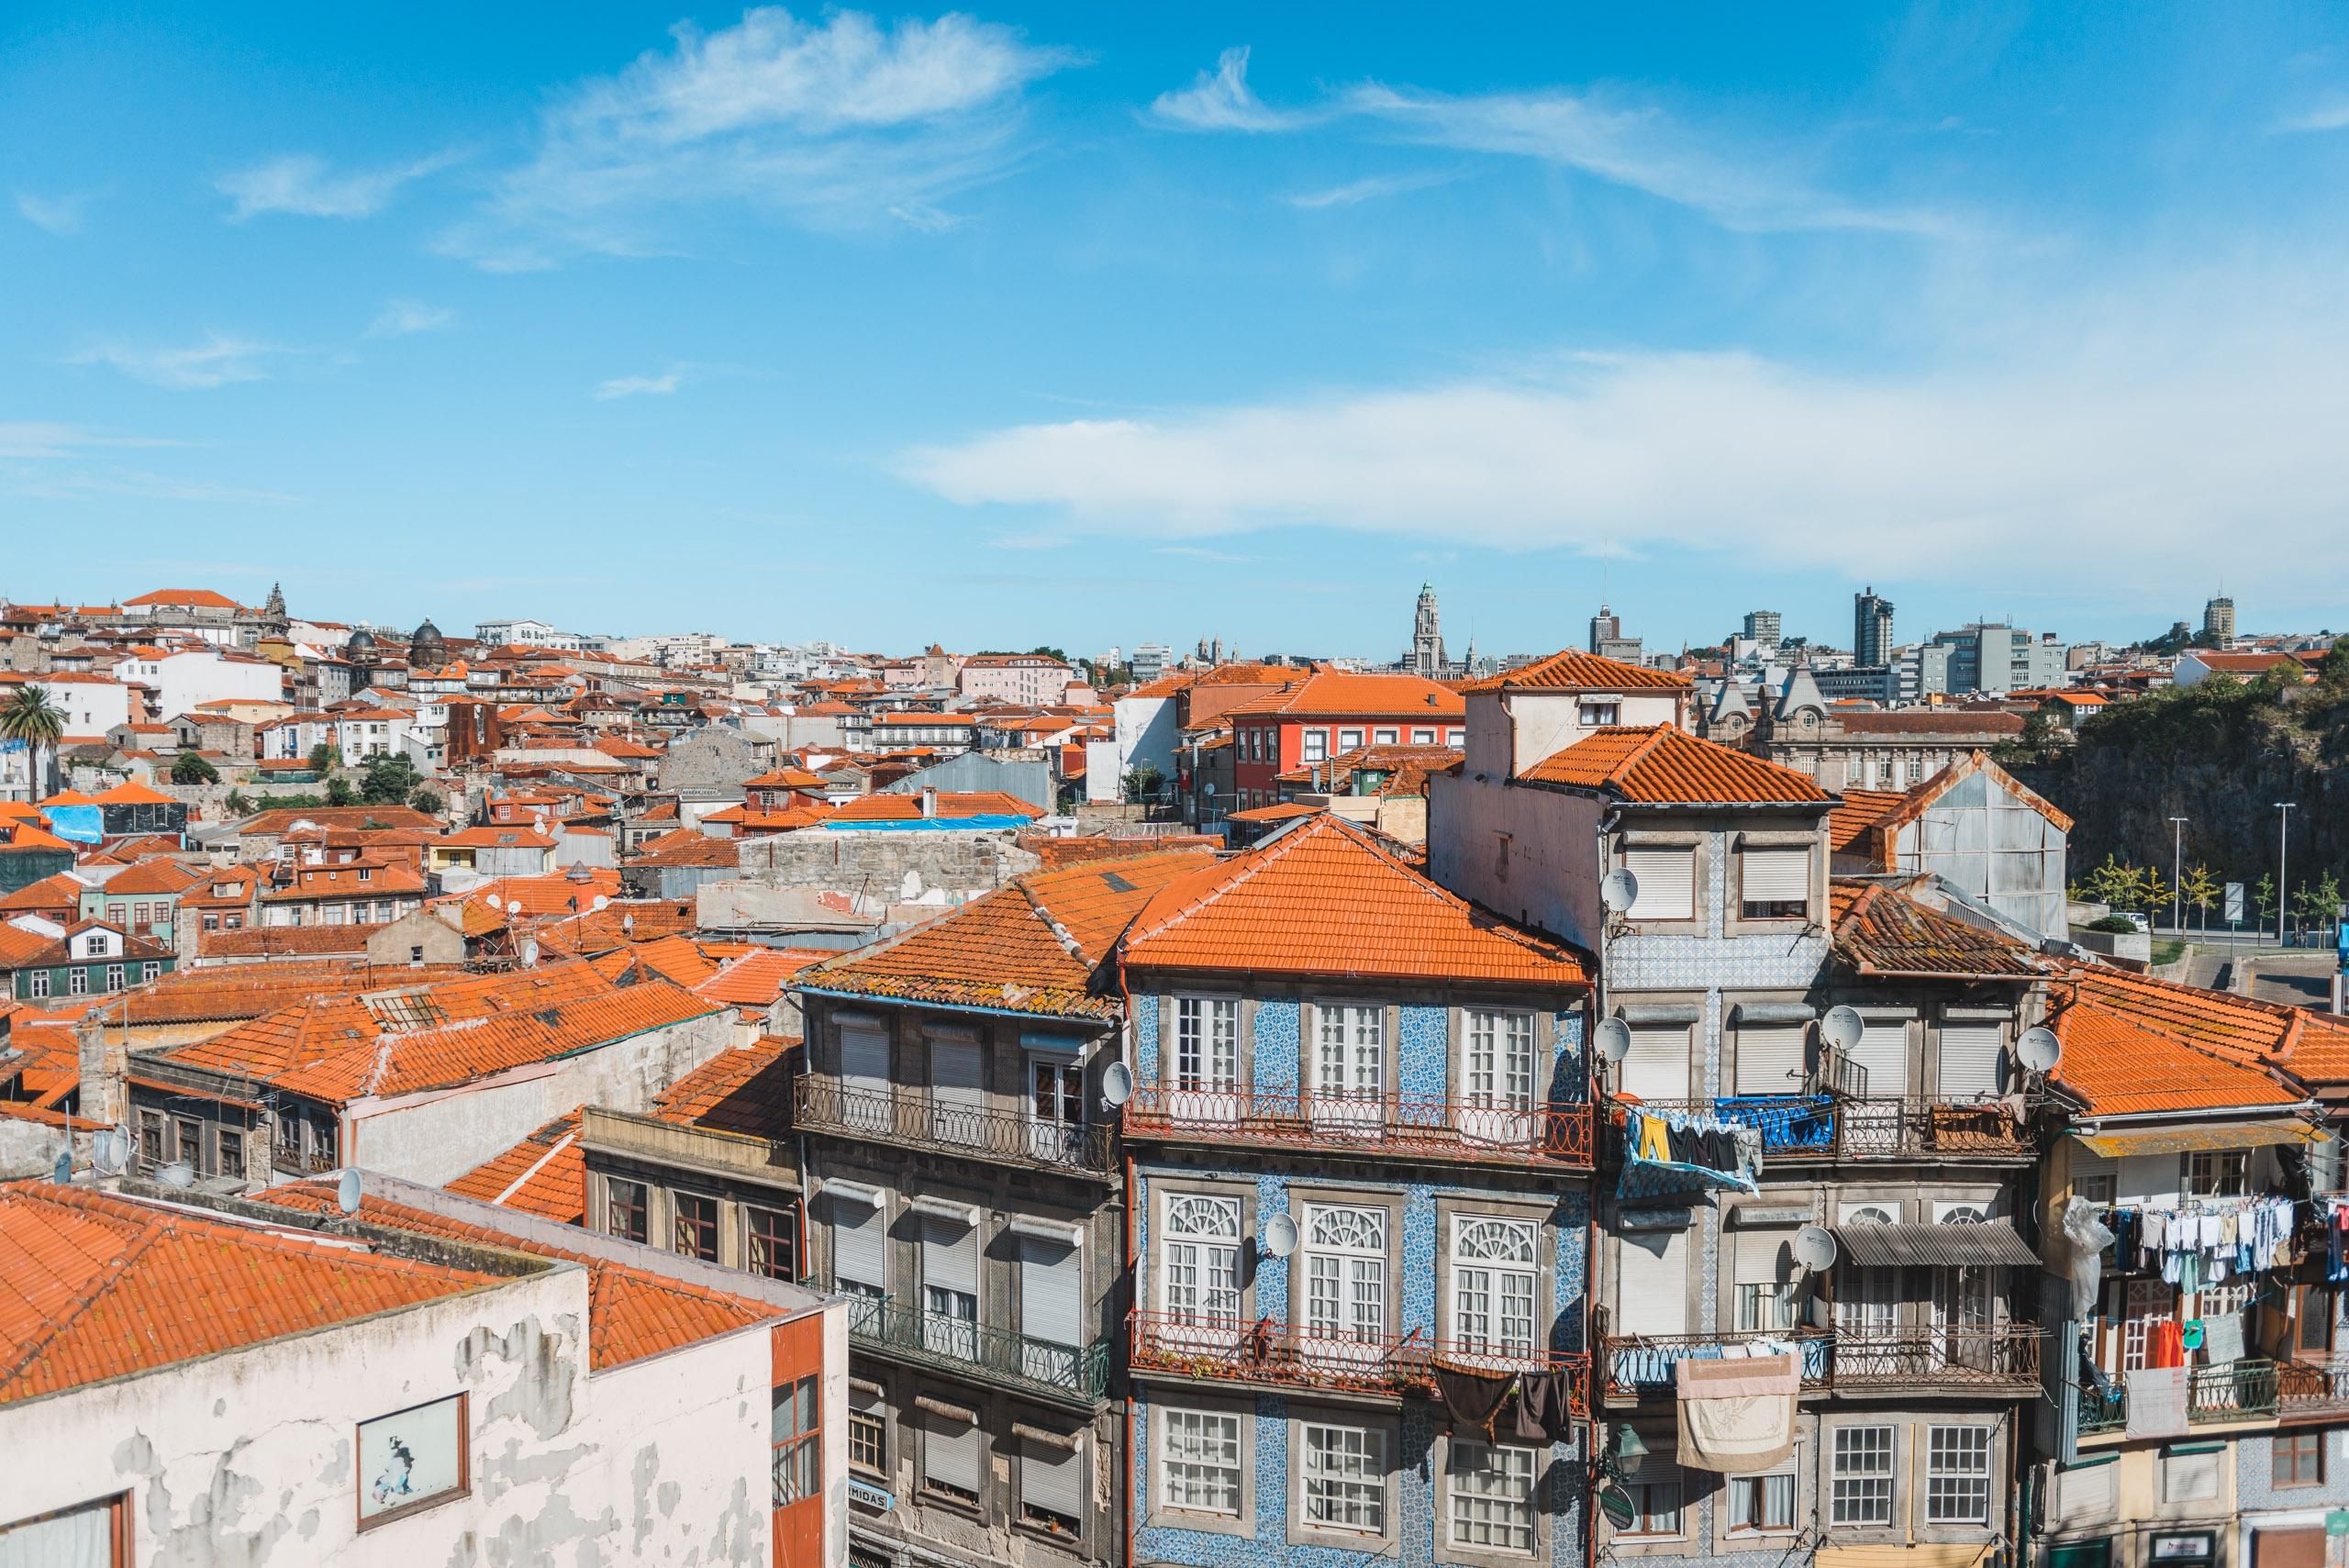 Portugal - Porto - 2012-0927-DSC_1958_13457